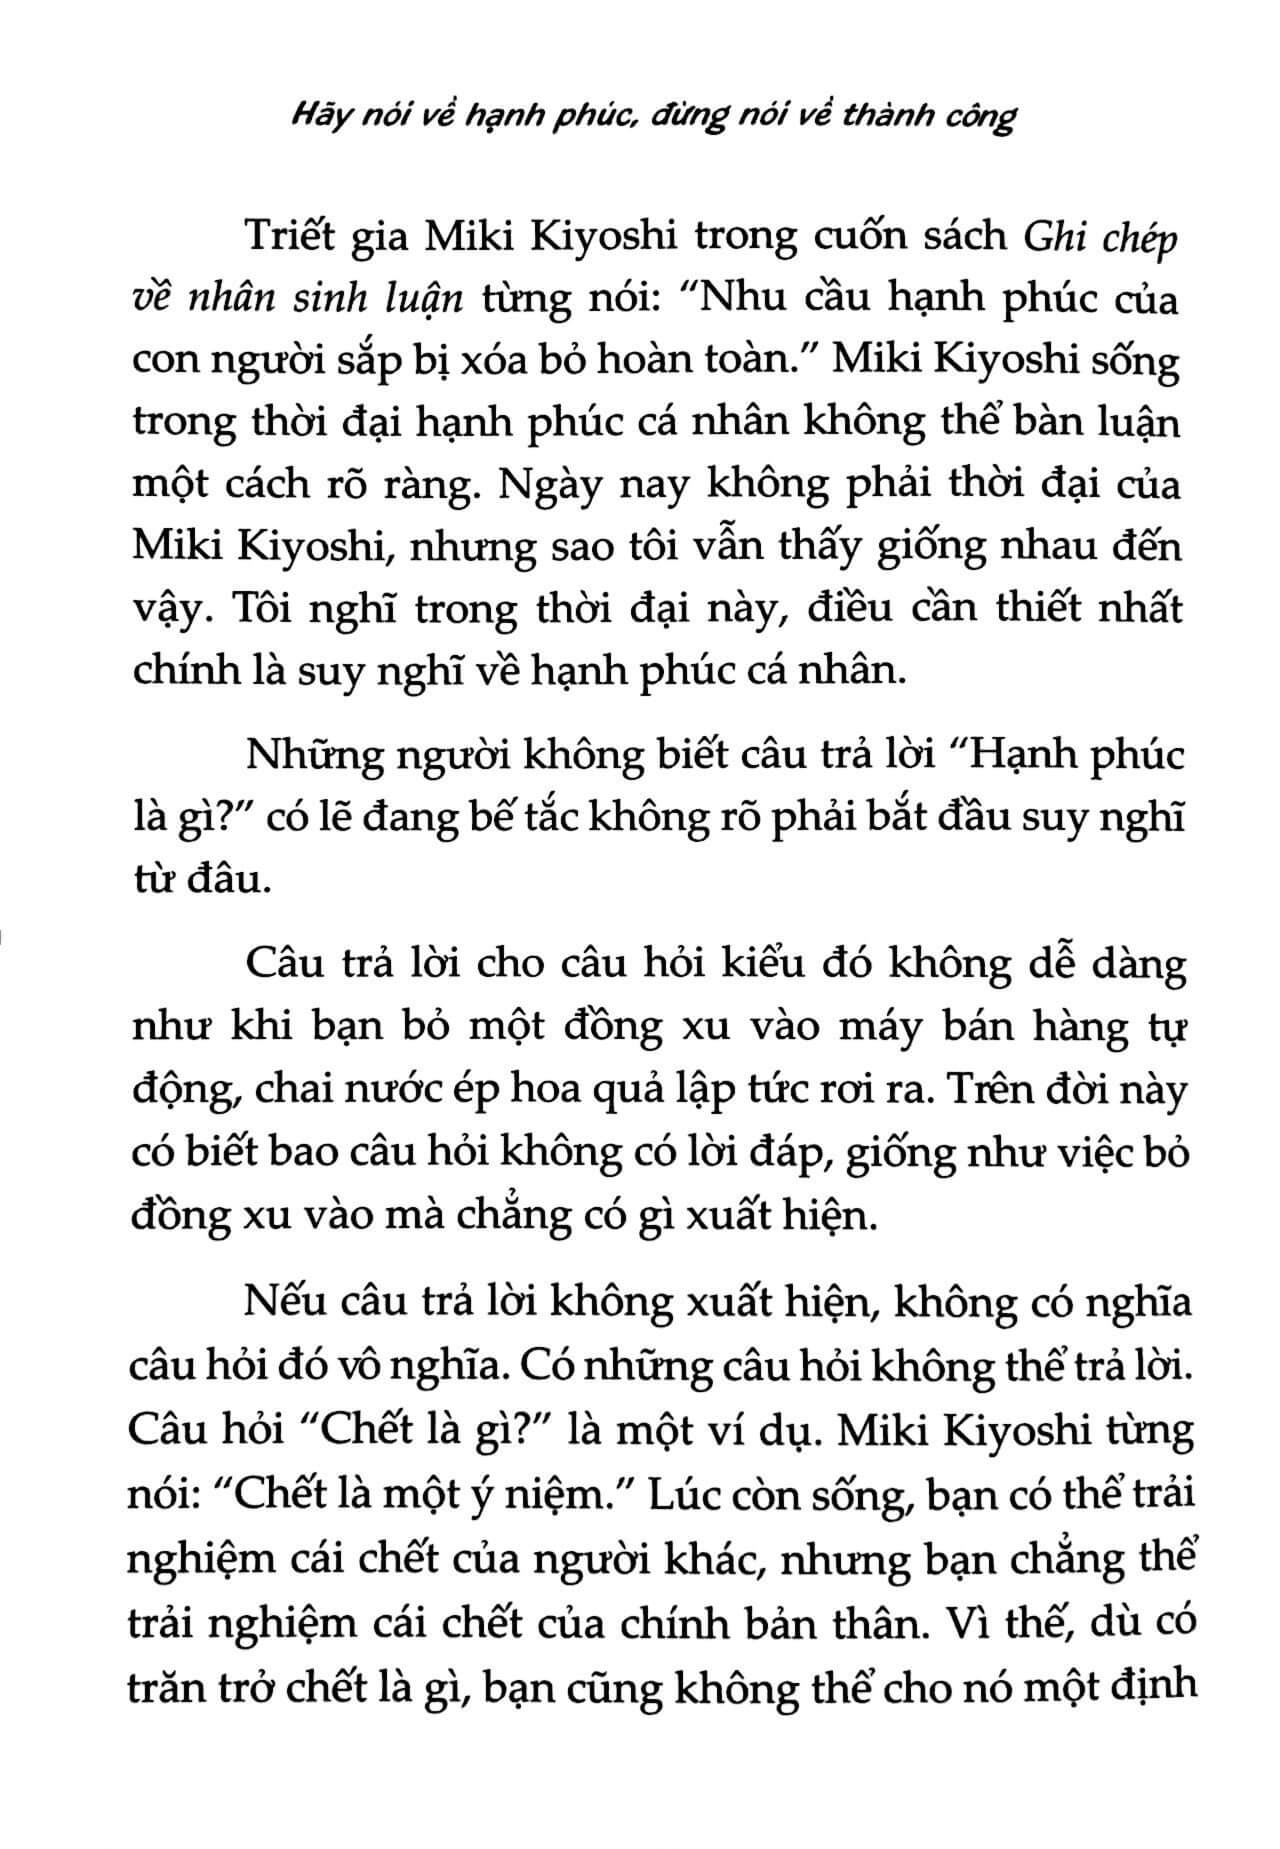 giờ chúng ta nói về hạnh phúc nhé 2 - Hãy Nói Về Hạnh Phúc, Đừng Nói Về Thành Công - Kishimi Ichiro